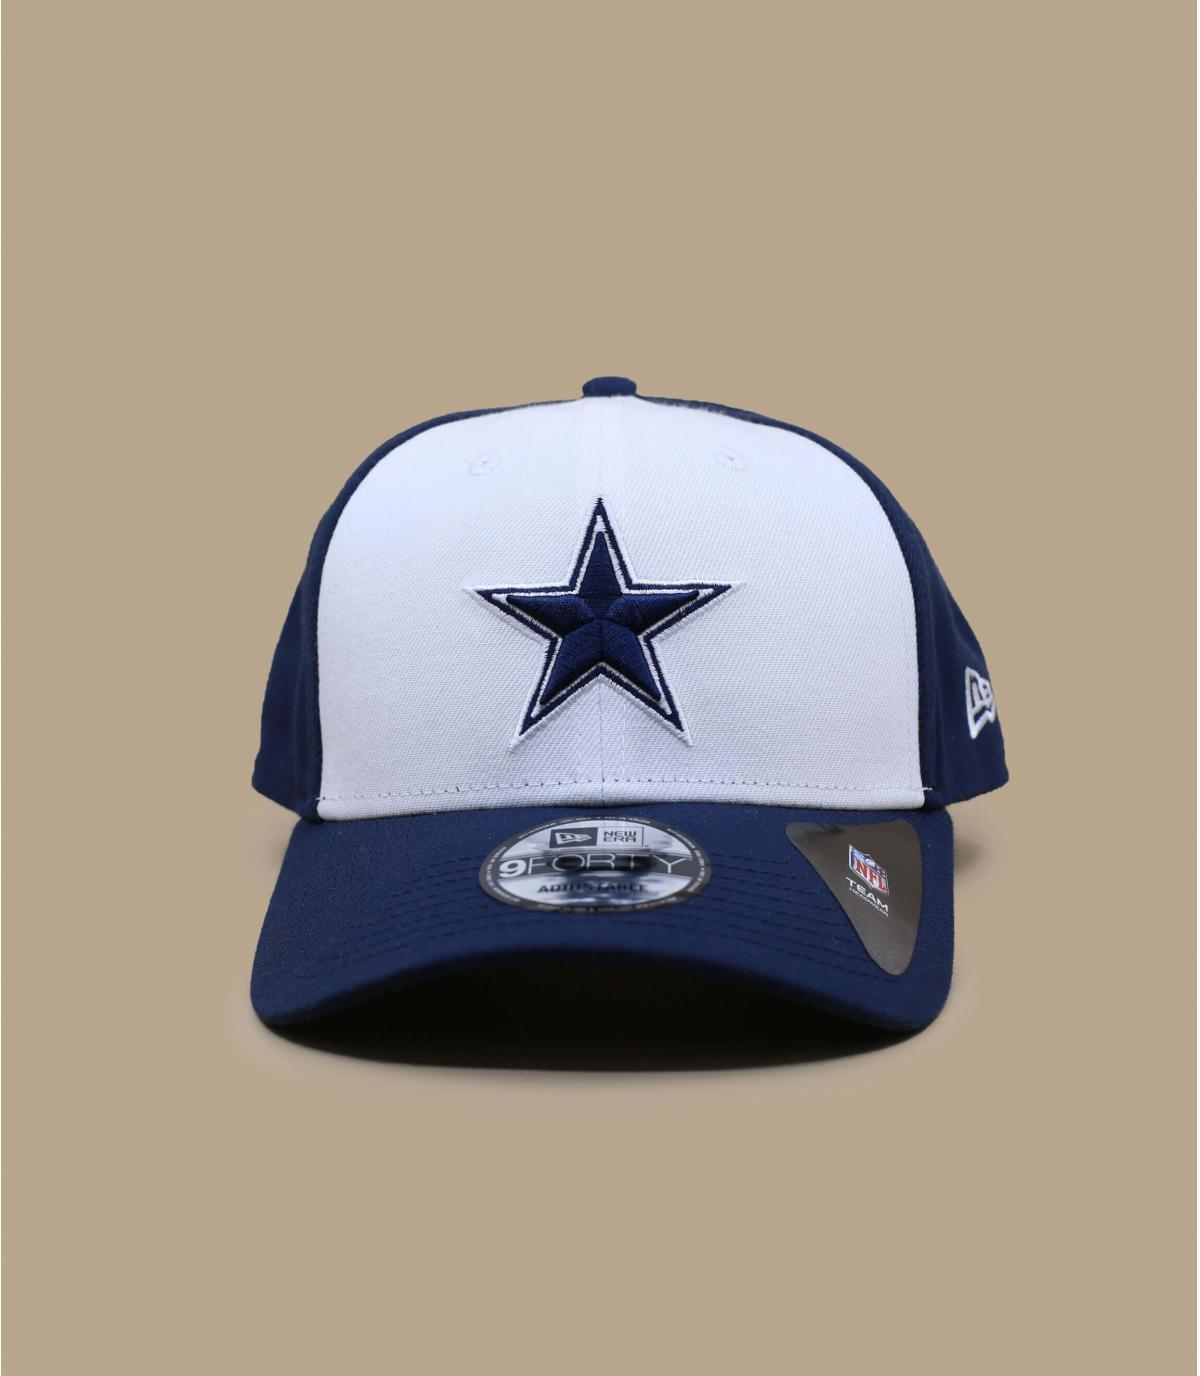 Détails Casquette Dallas Cowboys NFL The League - image 2